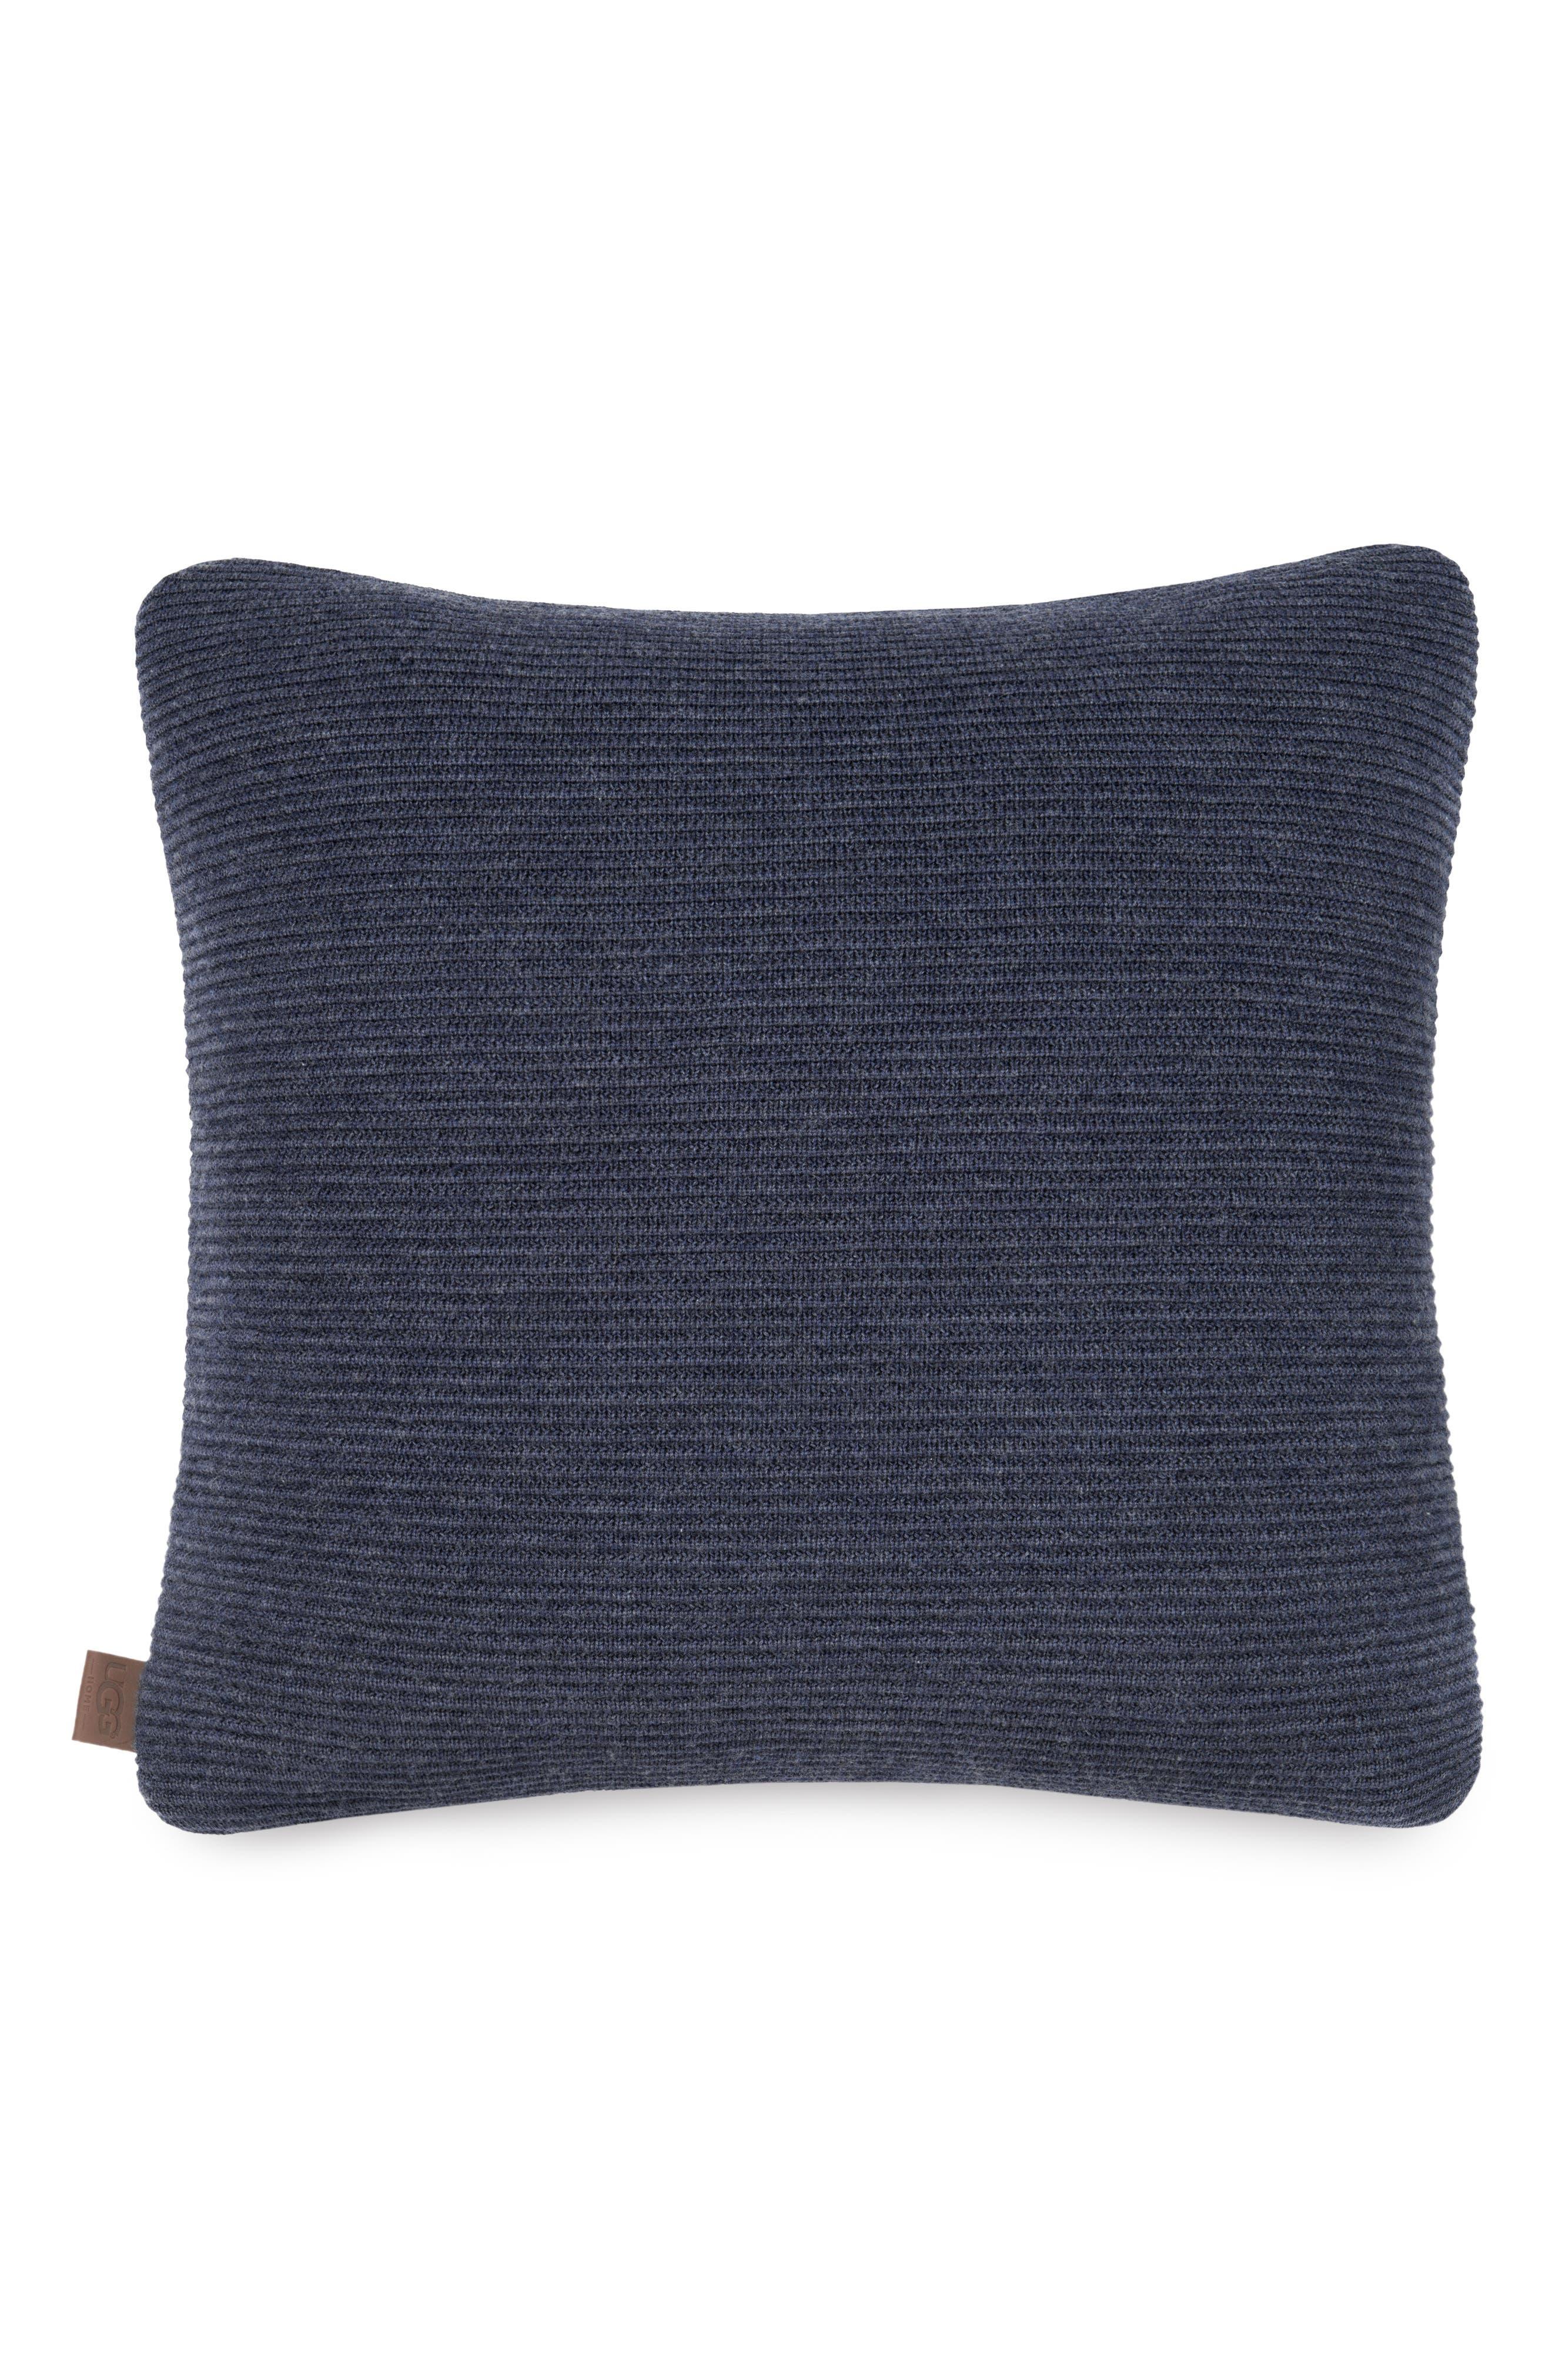 Horizontal Rib Pillow,                             Main thumbnail 2, color,